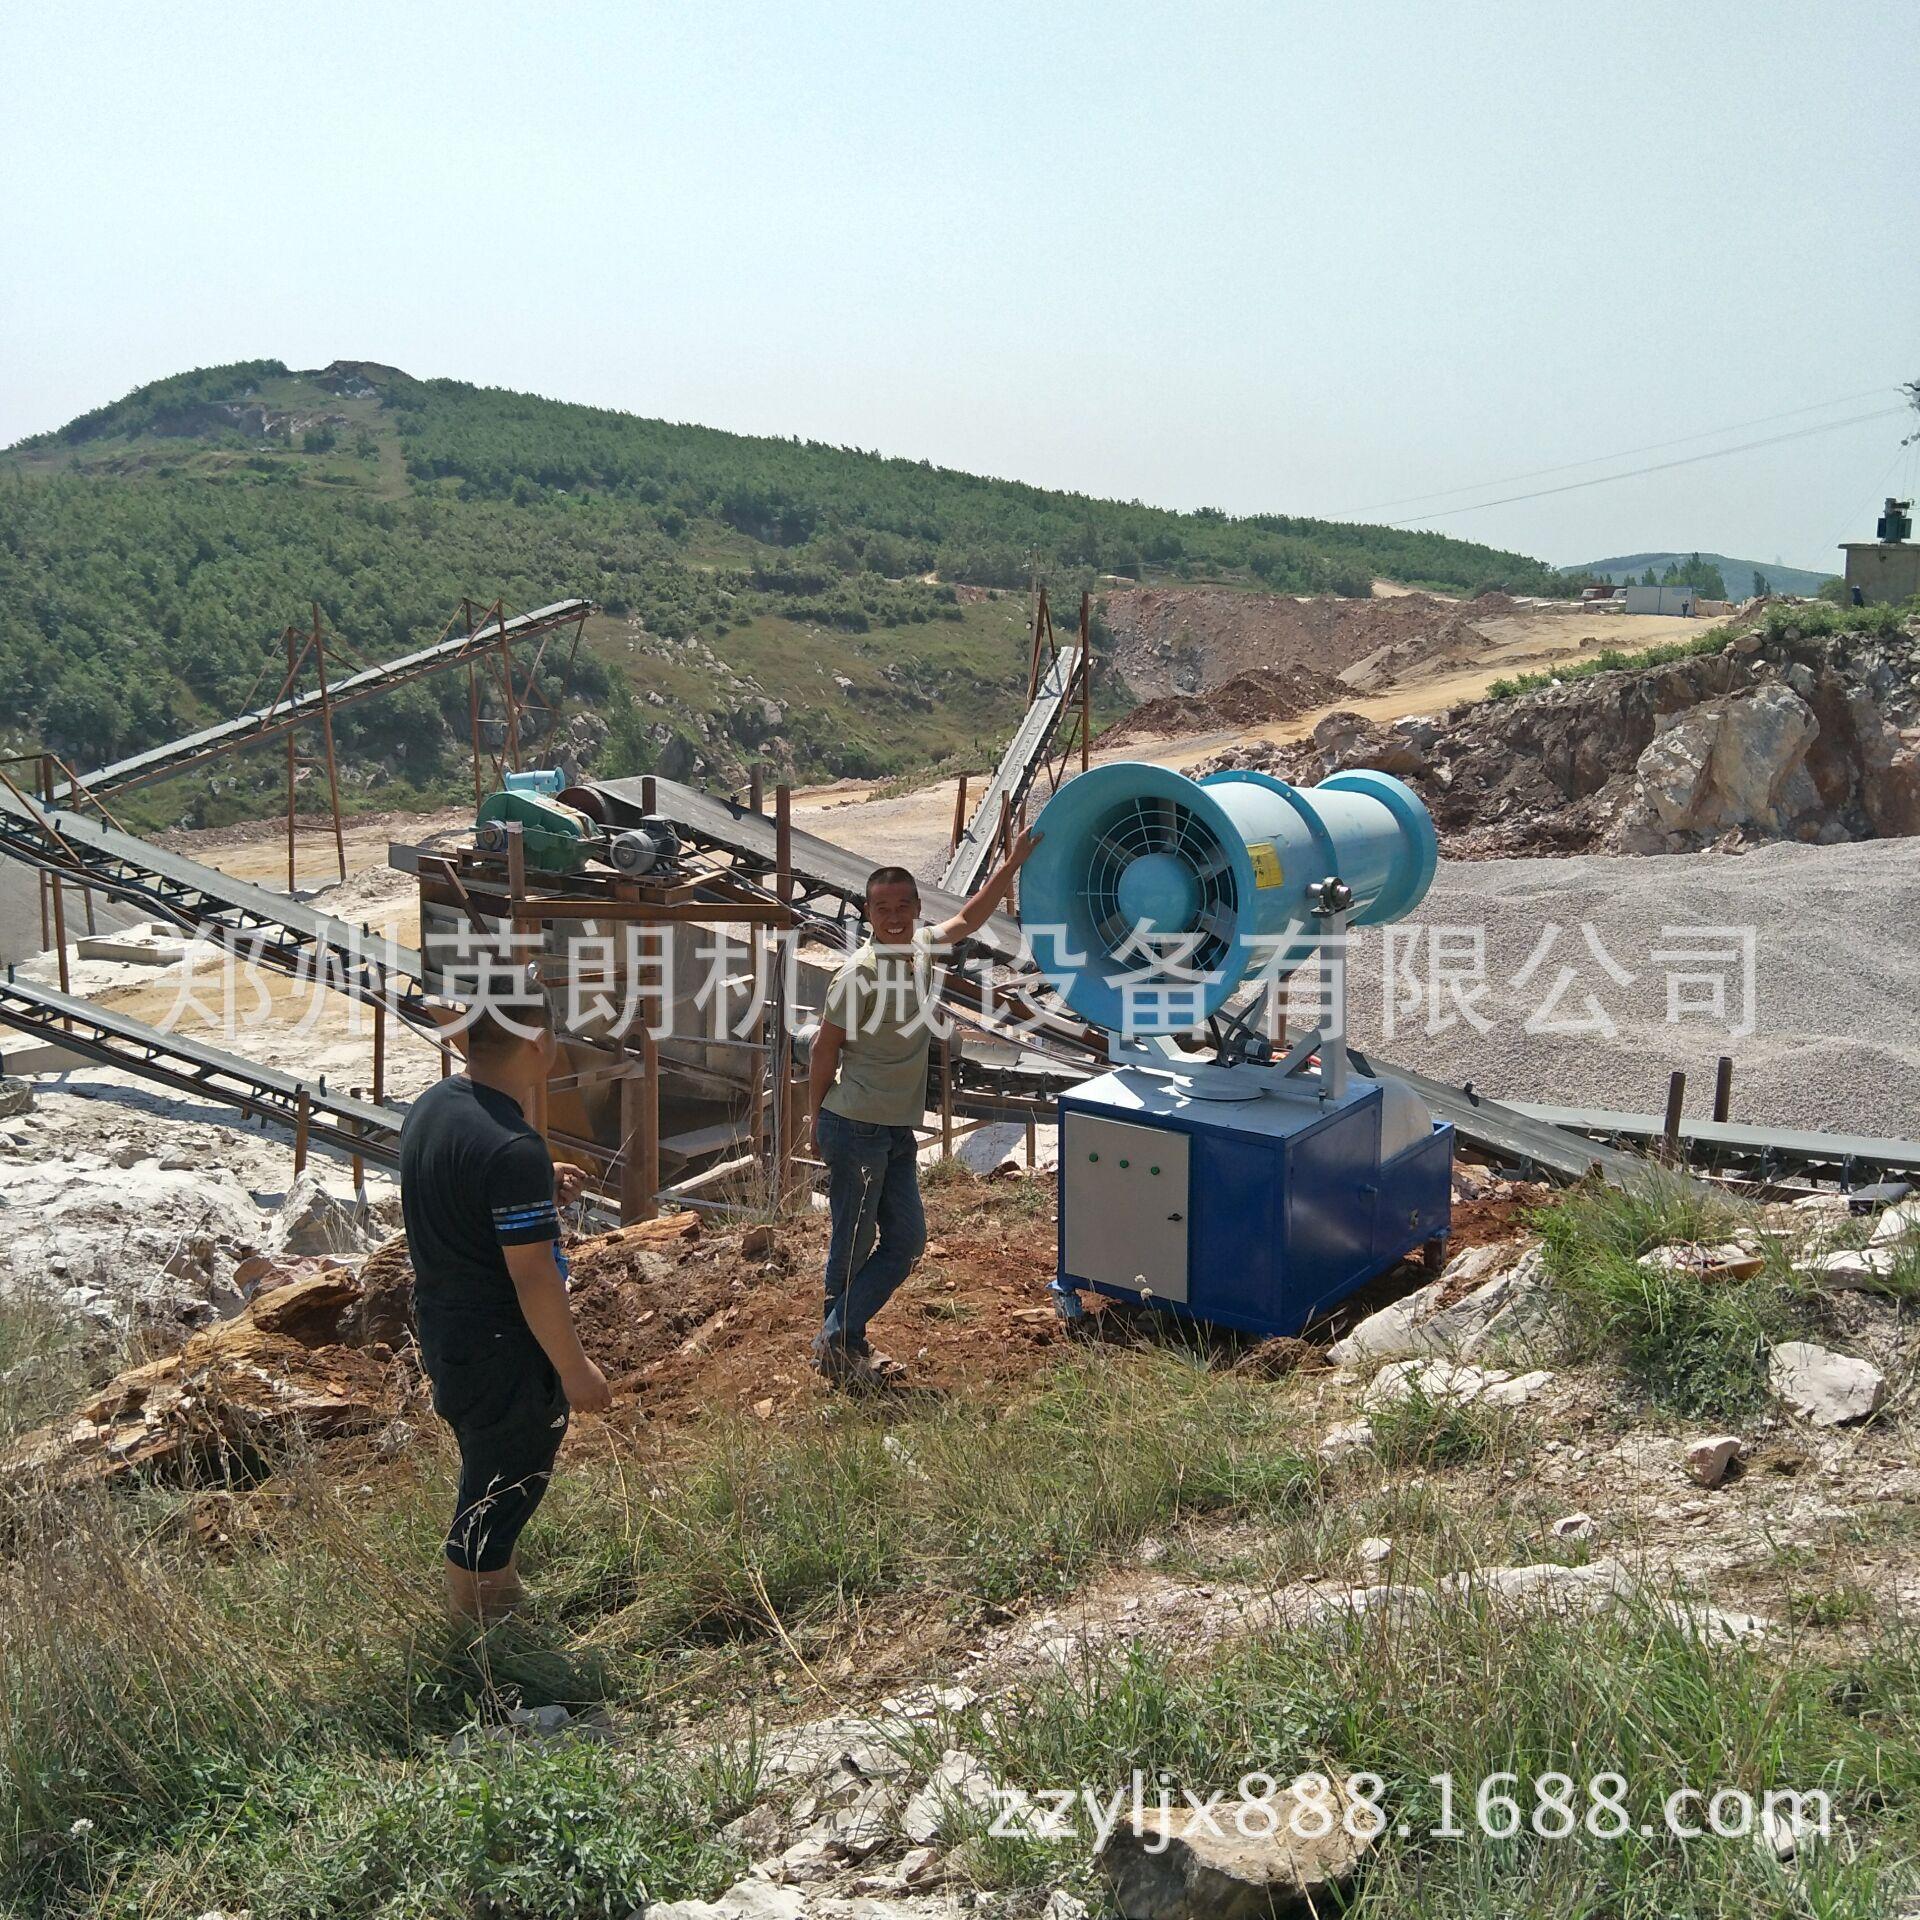 新型高效石料生产线 石料制砂生产线 花岗岩矿石破碎生产线报价示例图6